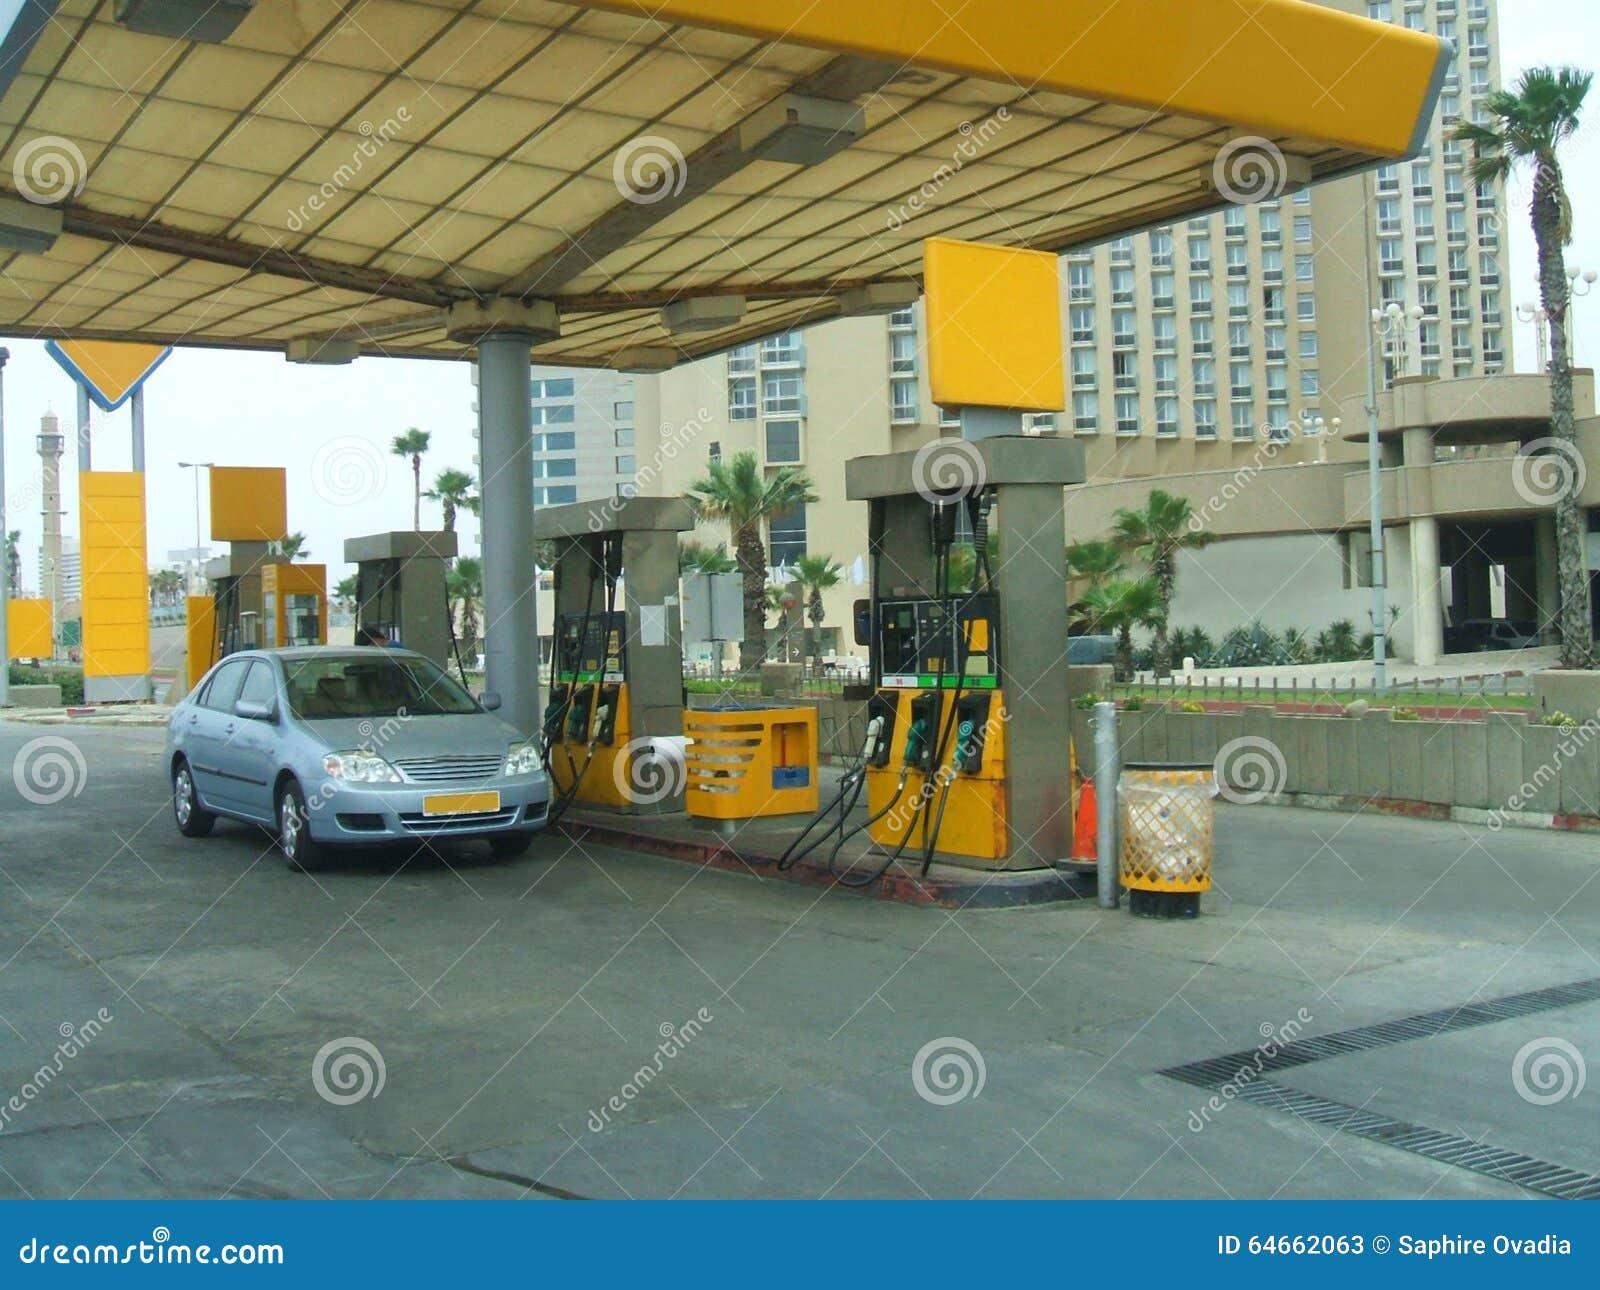 poste d 39 essence remplir v hicule d 39 essence station service. Black Bedroom Furniture Sets. Home Design Ideas